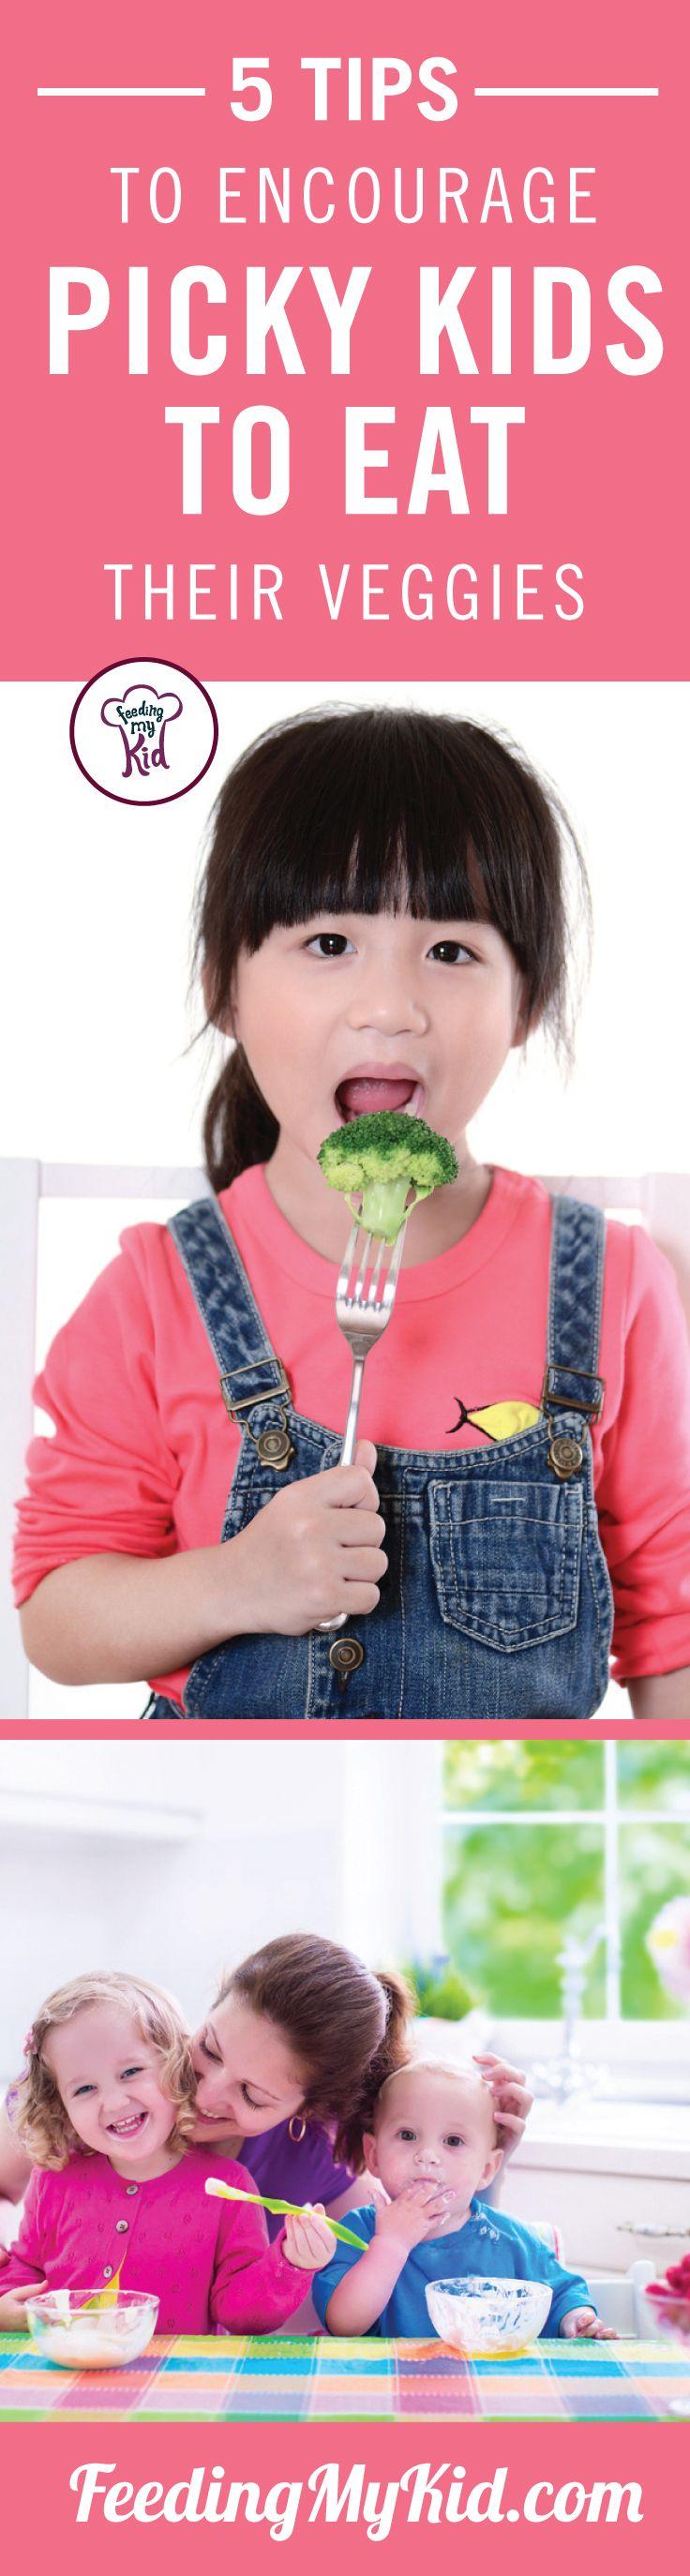 163 best Child Nutrition Blog Posts images on Pinterest